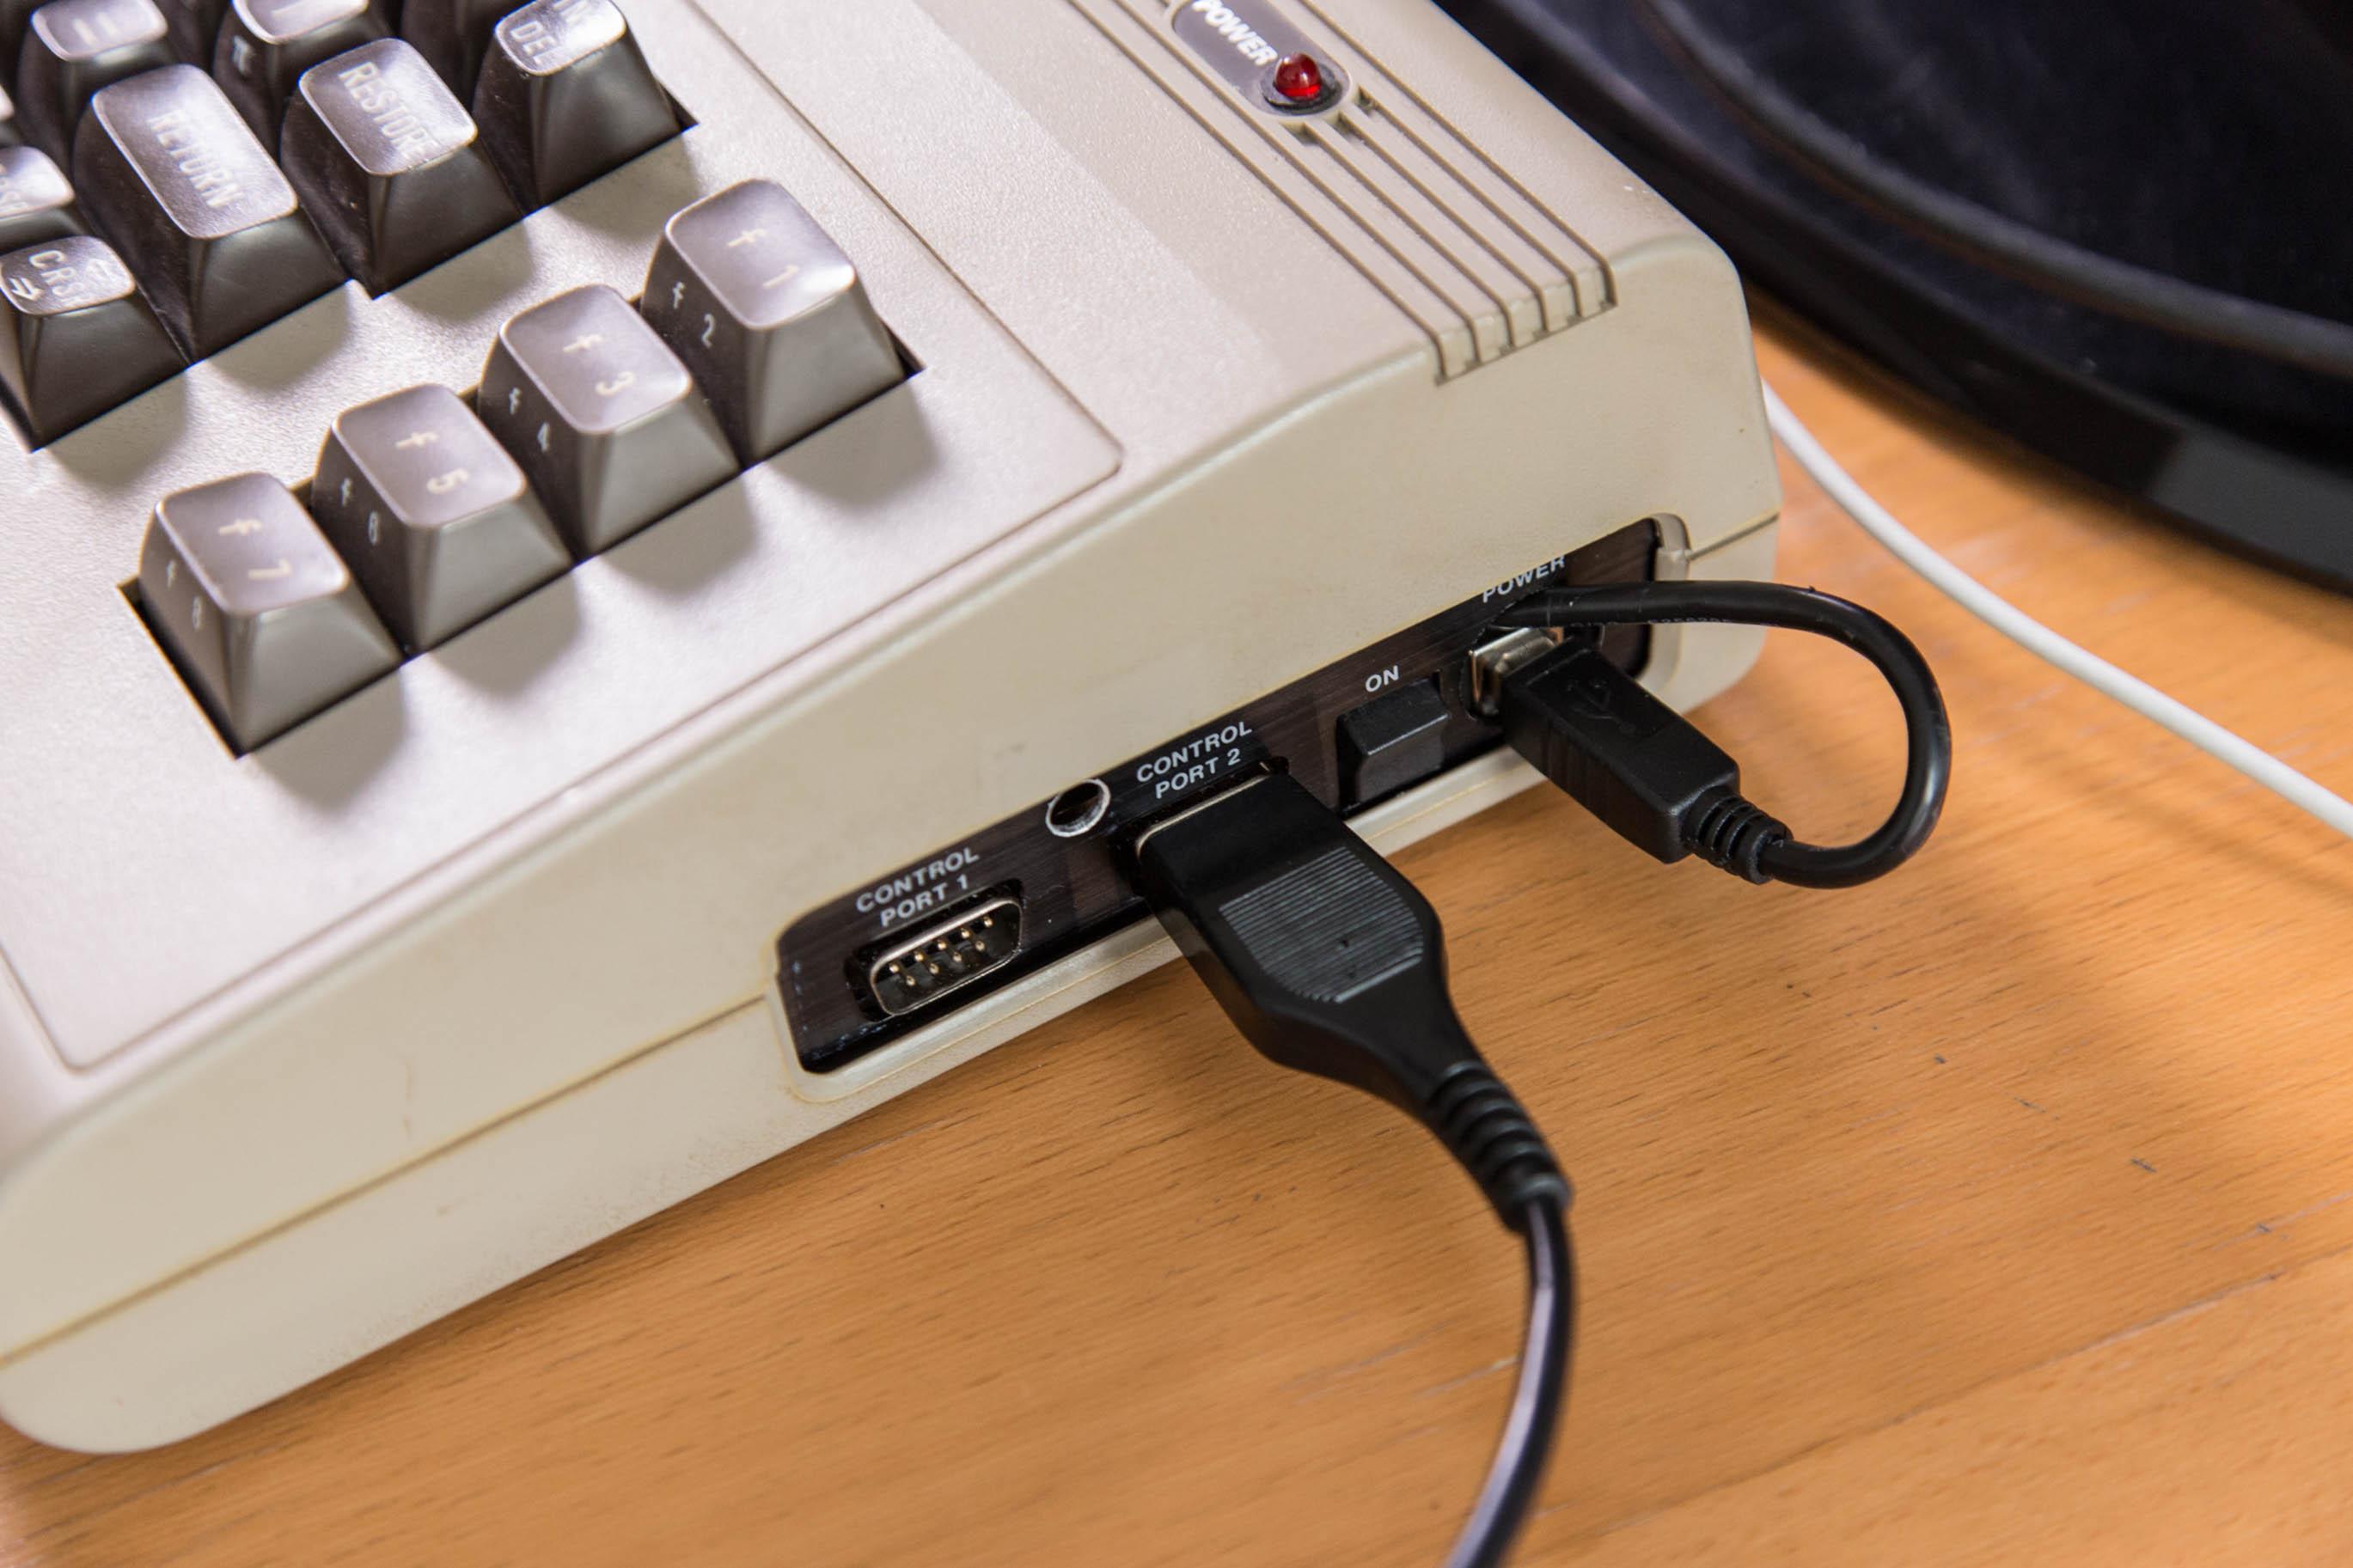 C64-Umbau mit dem Raspberry Pi: Die Wiedergeburt der Heimcomputer-Legende - Das Keyrah-Modul erlaubt es uns, unsere alten Joysticks weiter zu verwenden. (Bild: Martin Wolf/Golem.de)